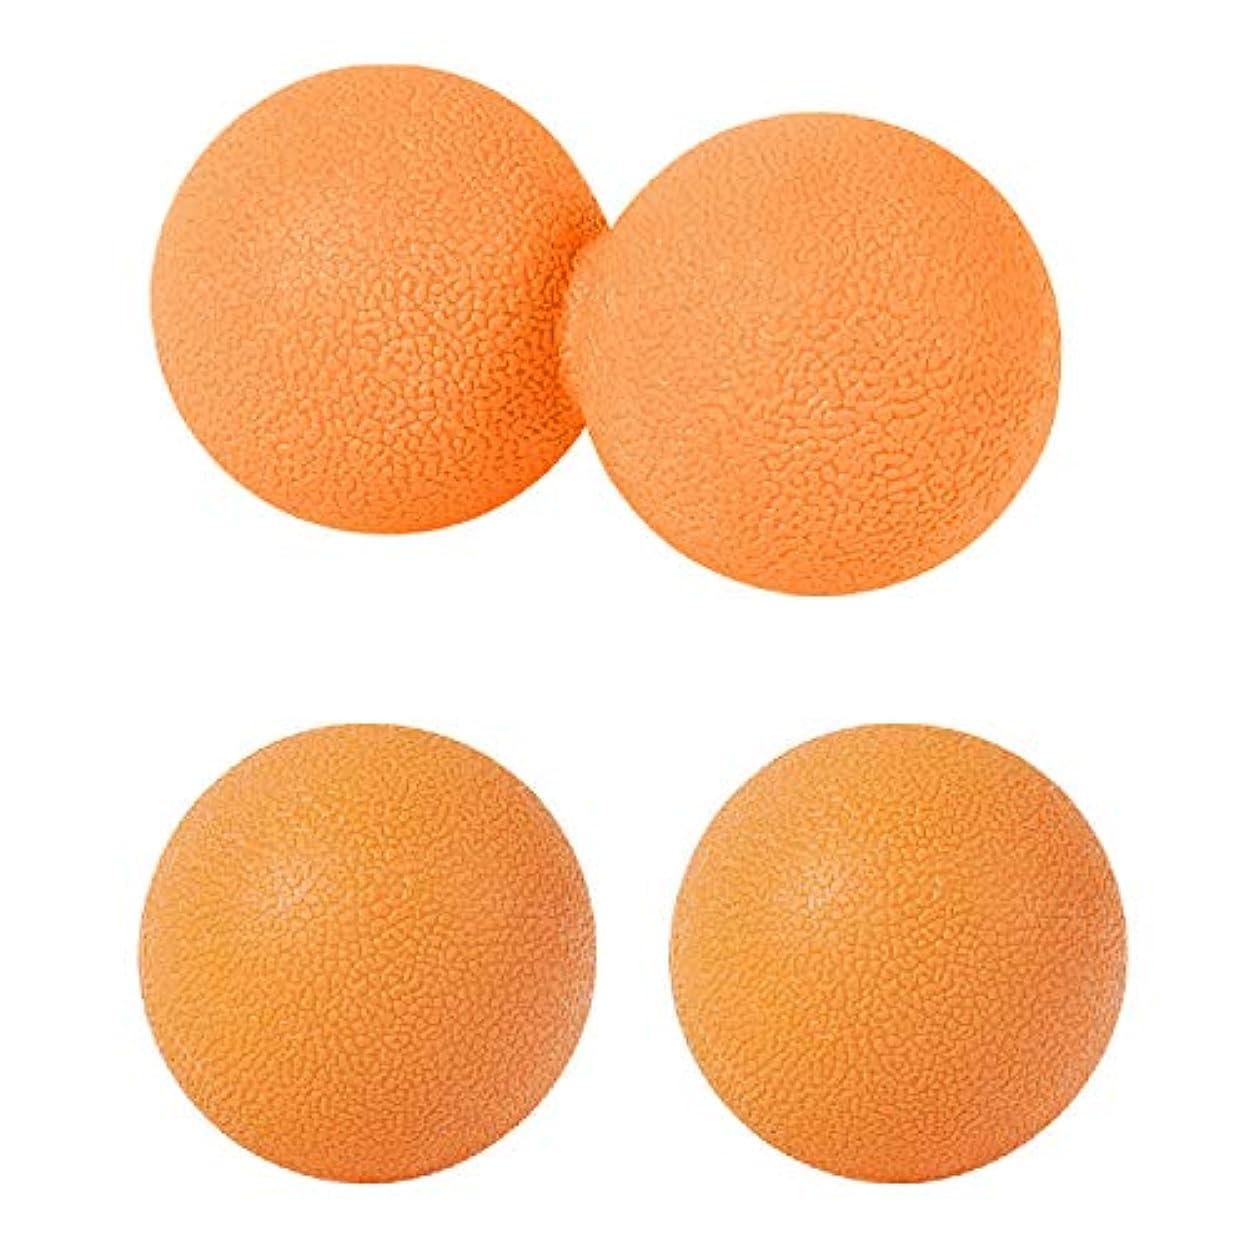 写真を描くクリスチャンヒューバートハドソンsac taske マッサージボール ストレッチ ピーナッツ ツボ押し トリガーポイント 3個セット (オレンジ)